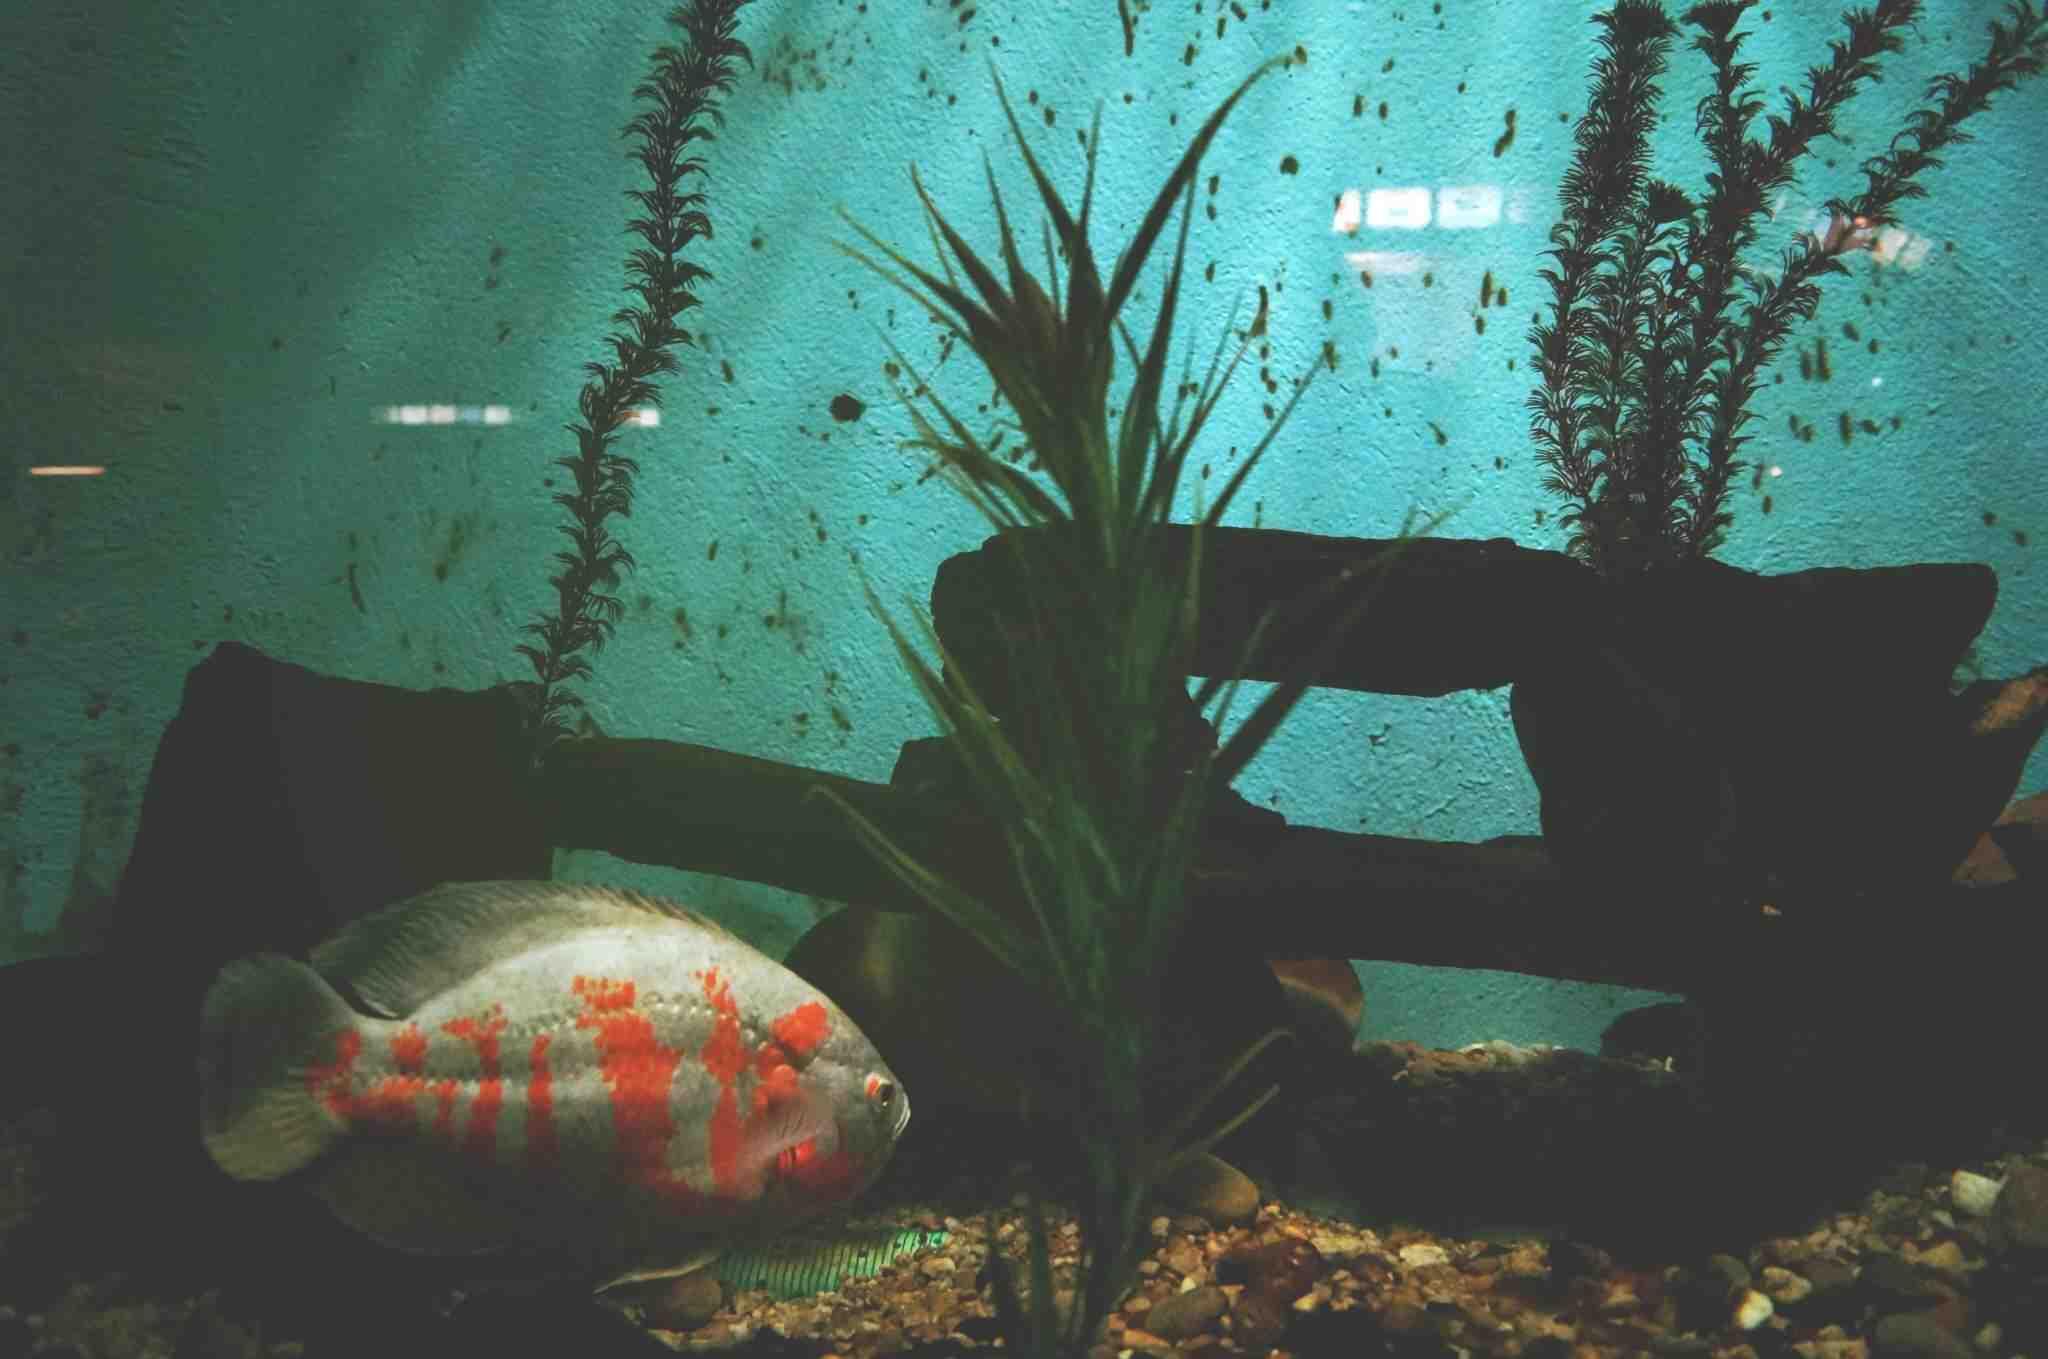 Comment garder de l'eau propre dans l'aquarium?